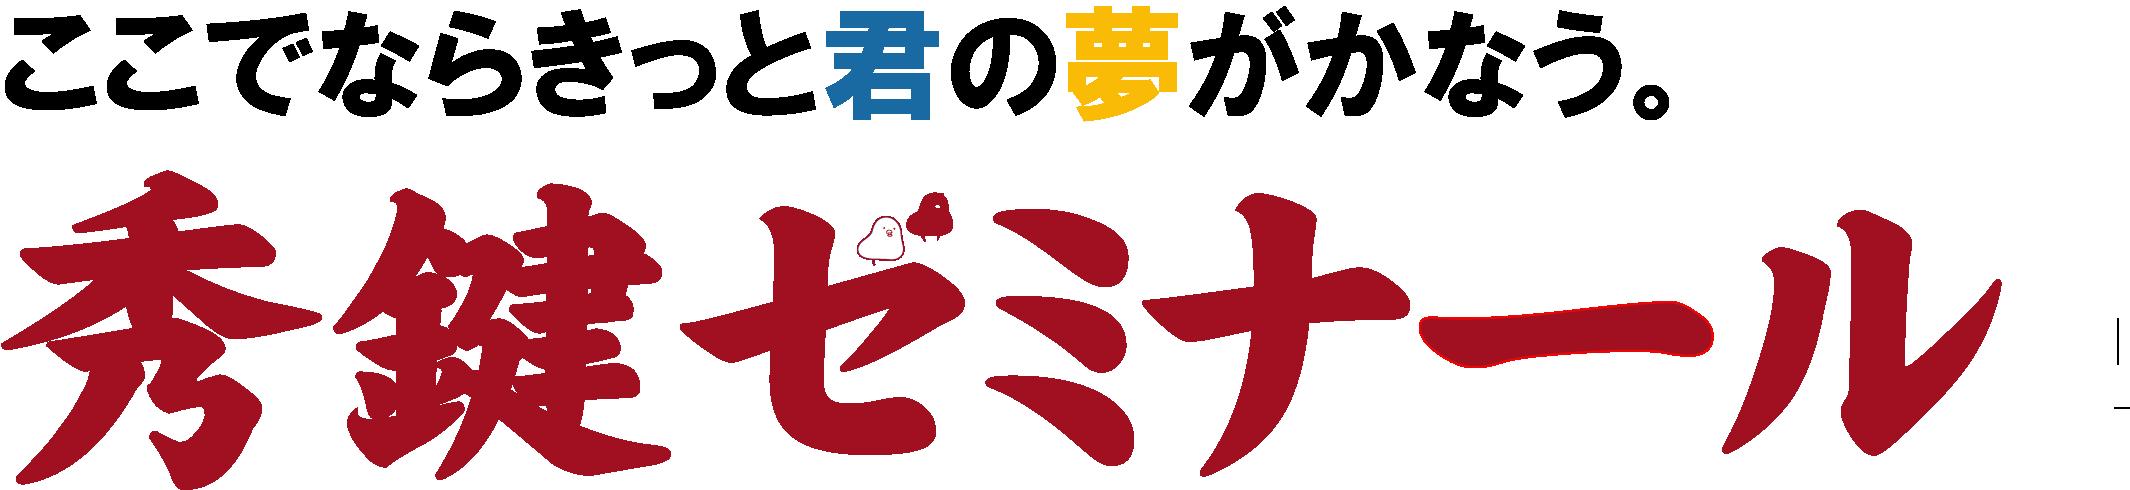 迷う前に。松本市の進学塾秀鍵ゼミナール。真剣に向き合う小学生、中学生、高校生、大学合格まで。真剣に学ぶなら秀鍵ゼミナール。